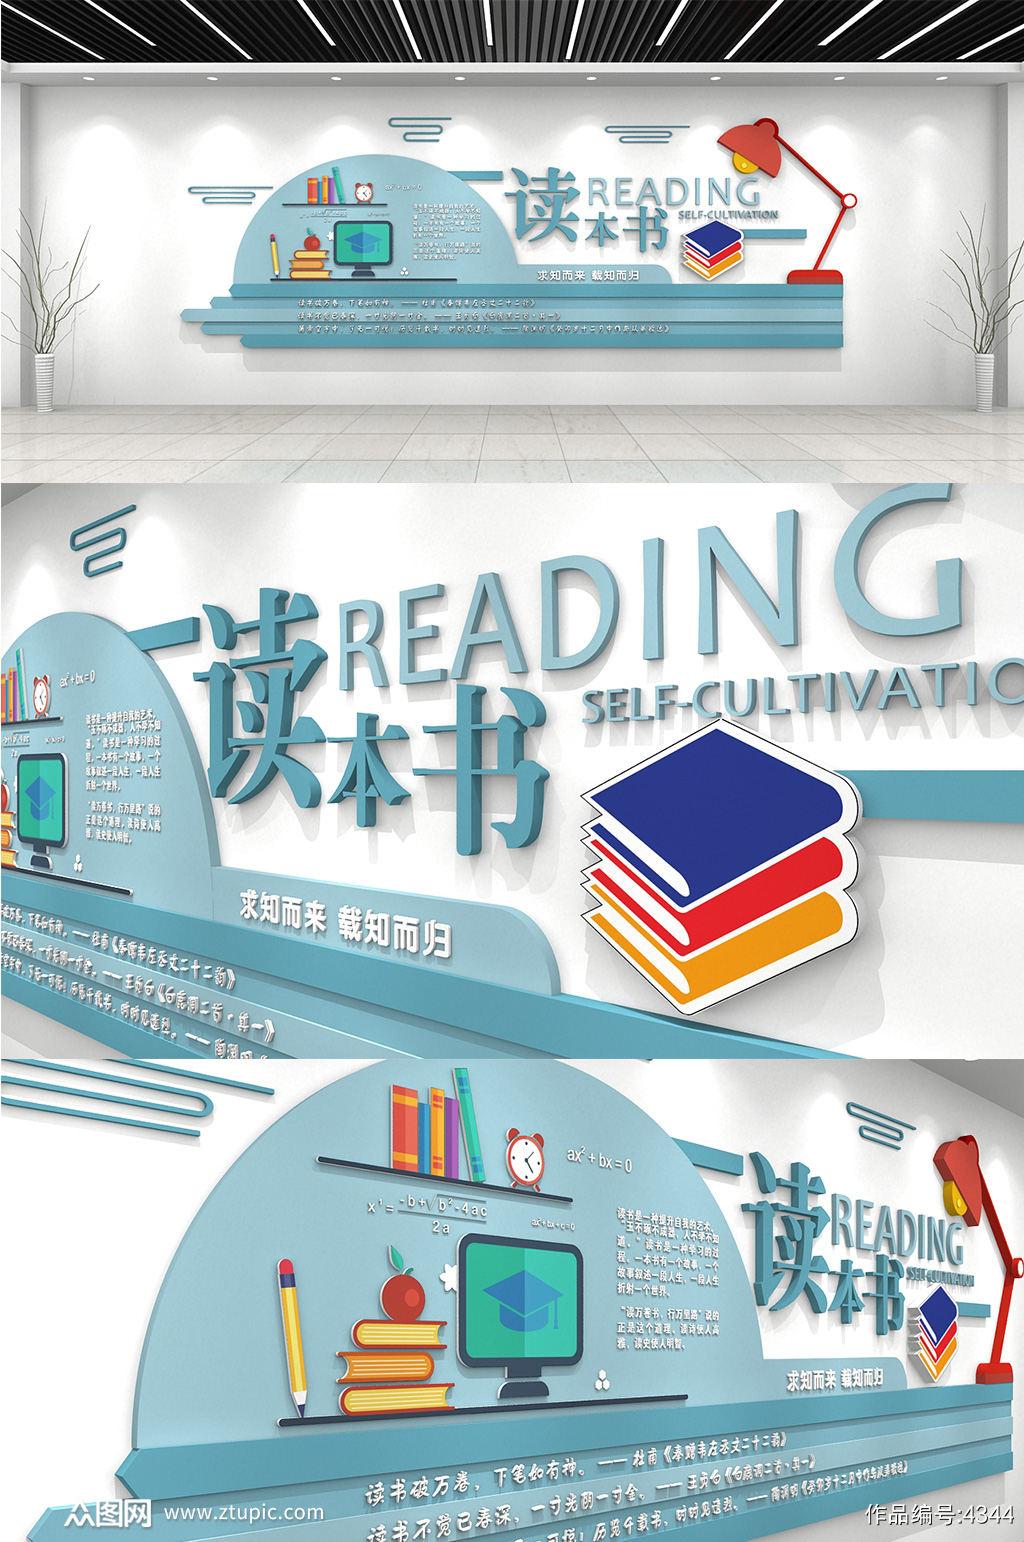 蓝色大气简约农村小学校园教室学校阅读室 班级文化墙素材